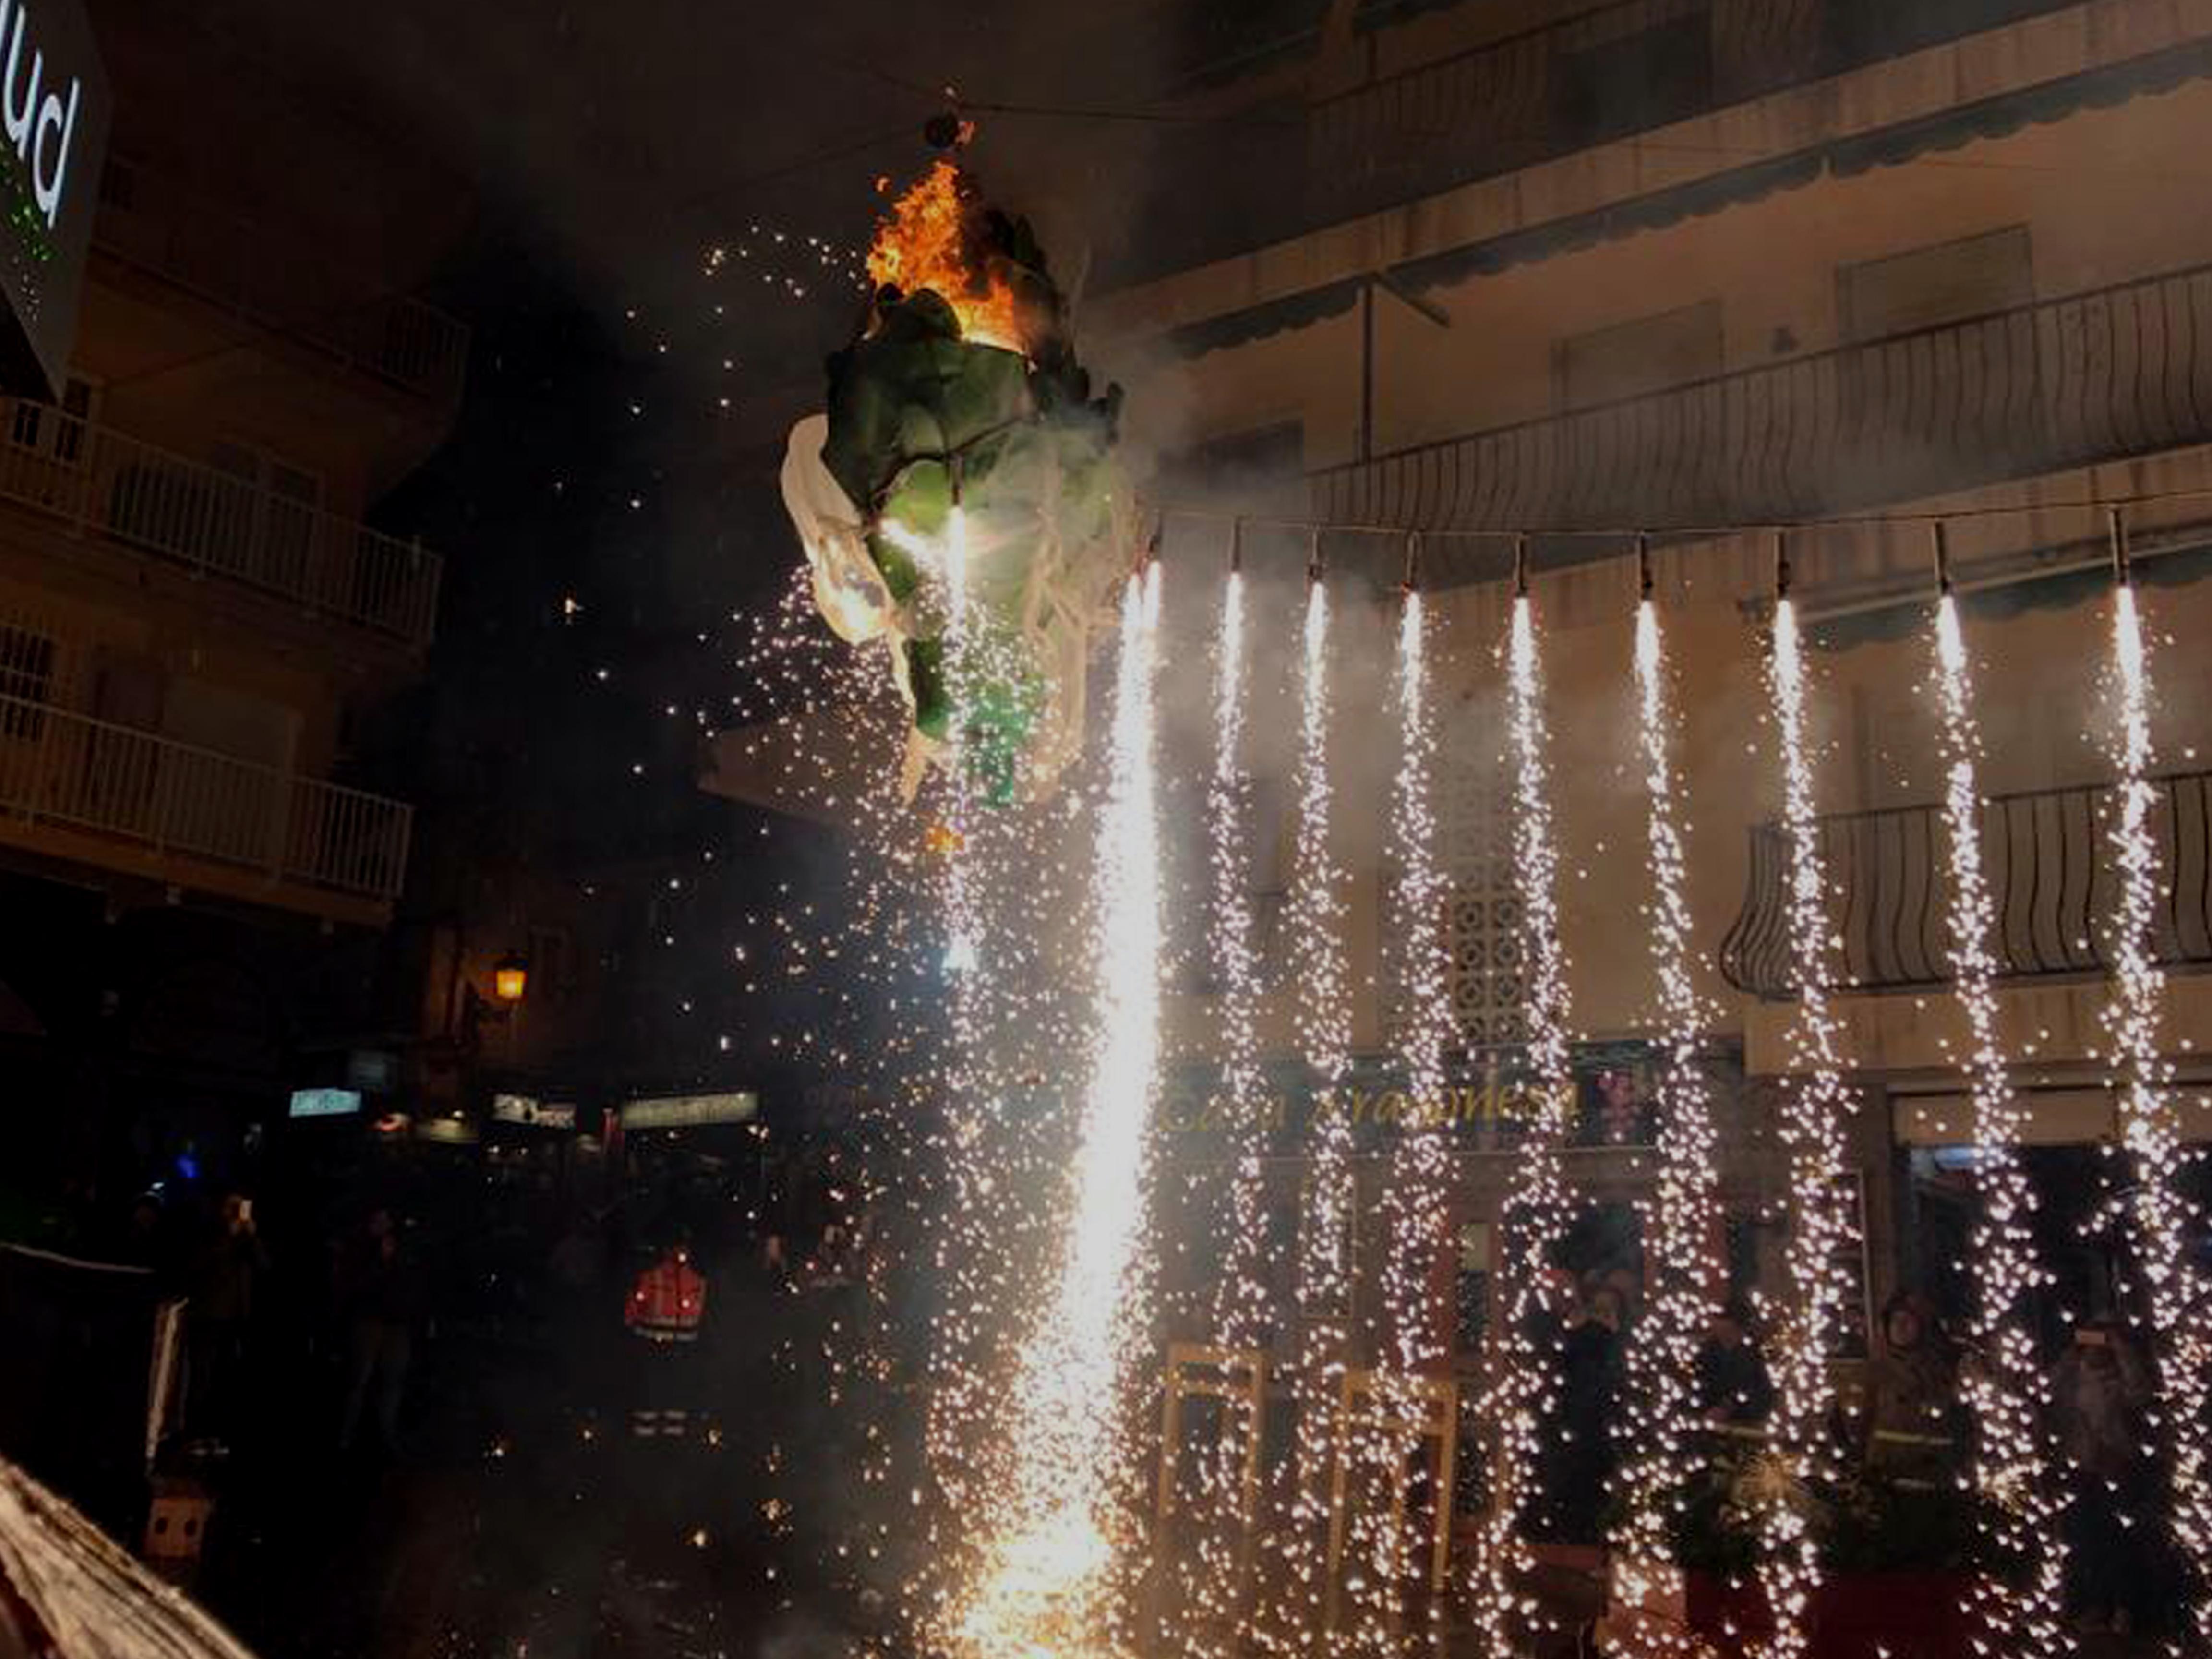 FIESTAS.- La Festa de la 'Carxofa' mantiene la tradición